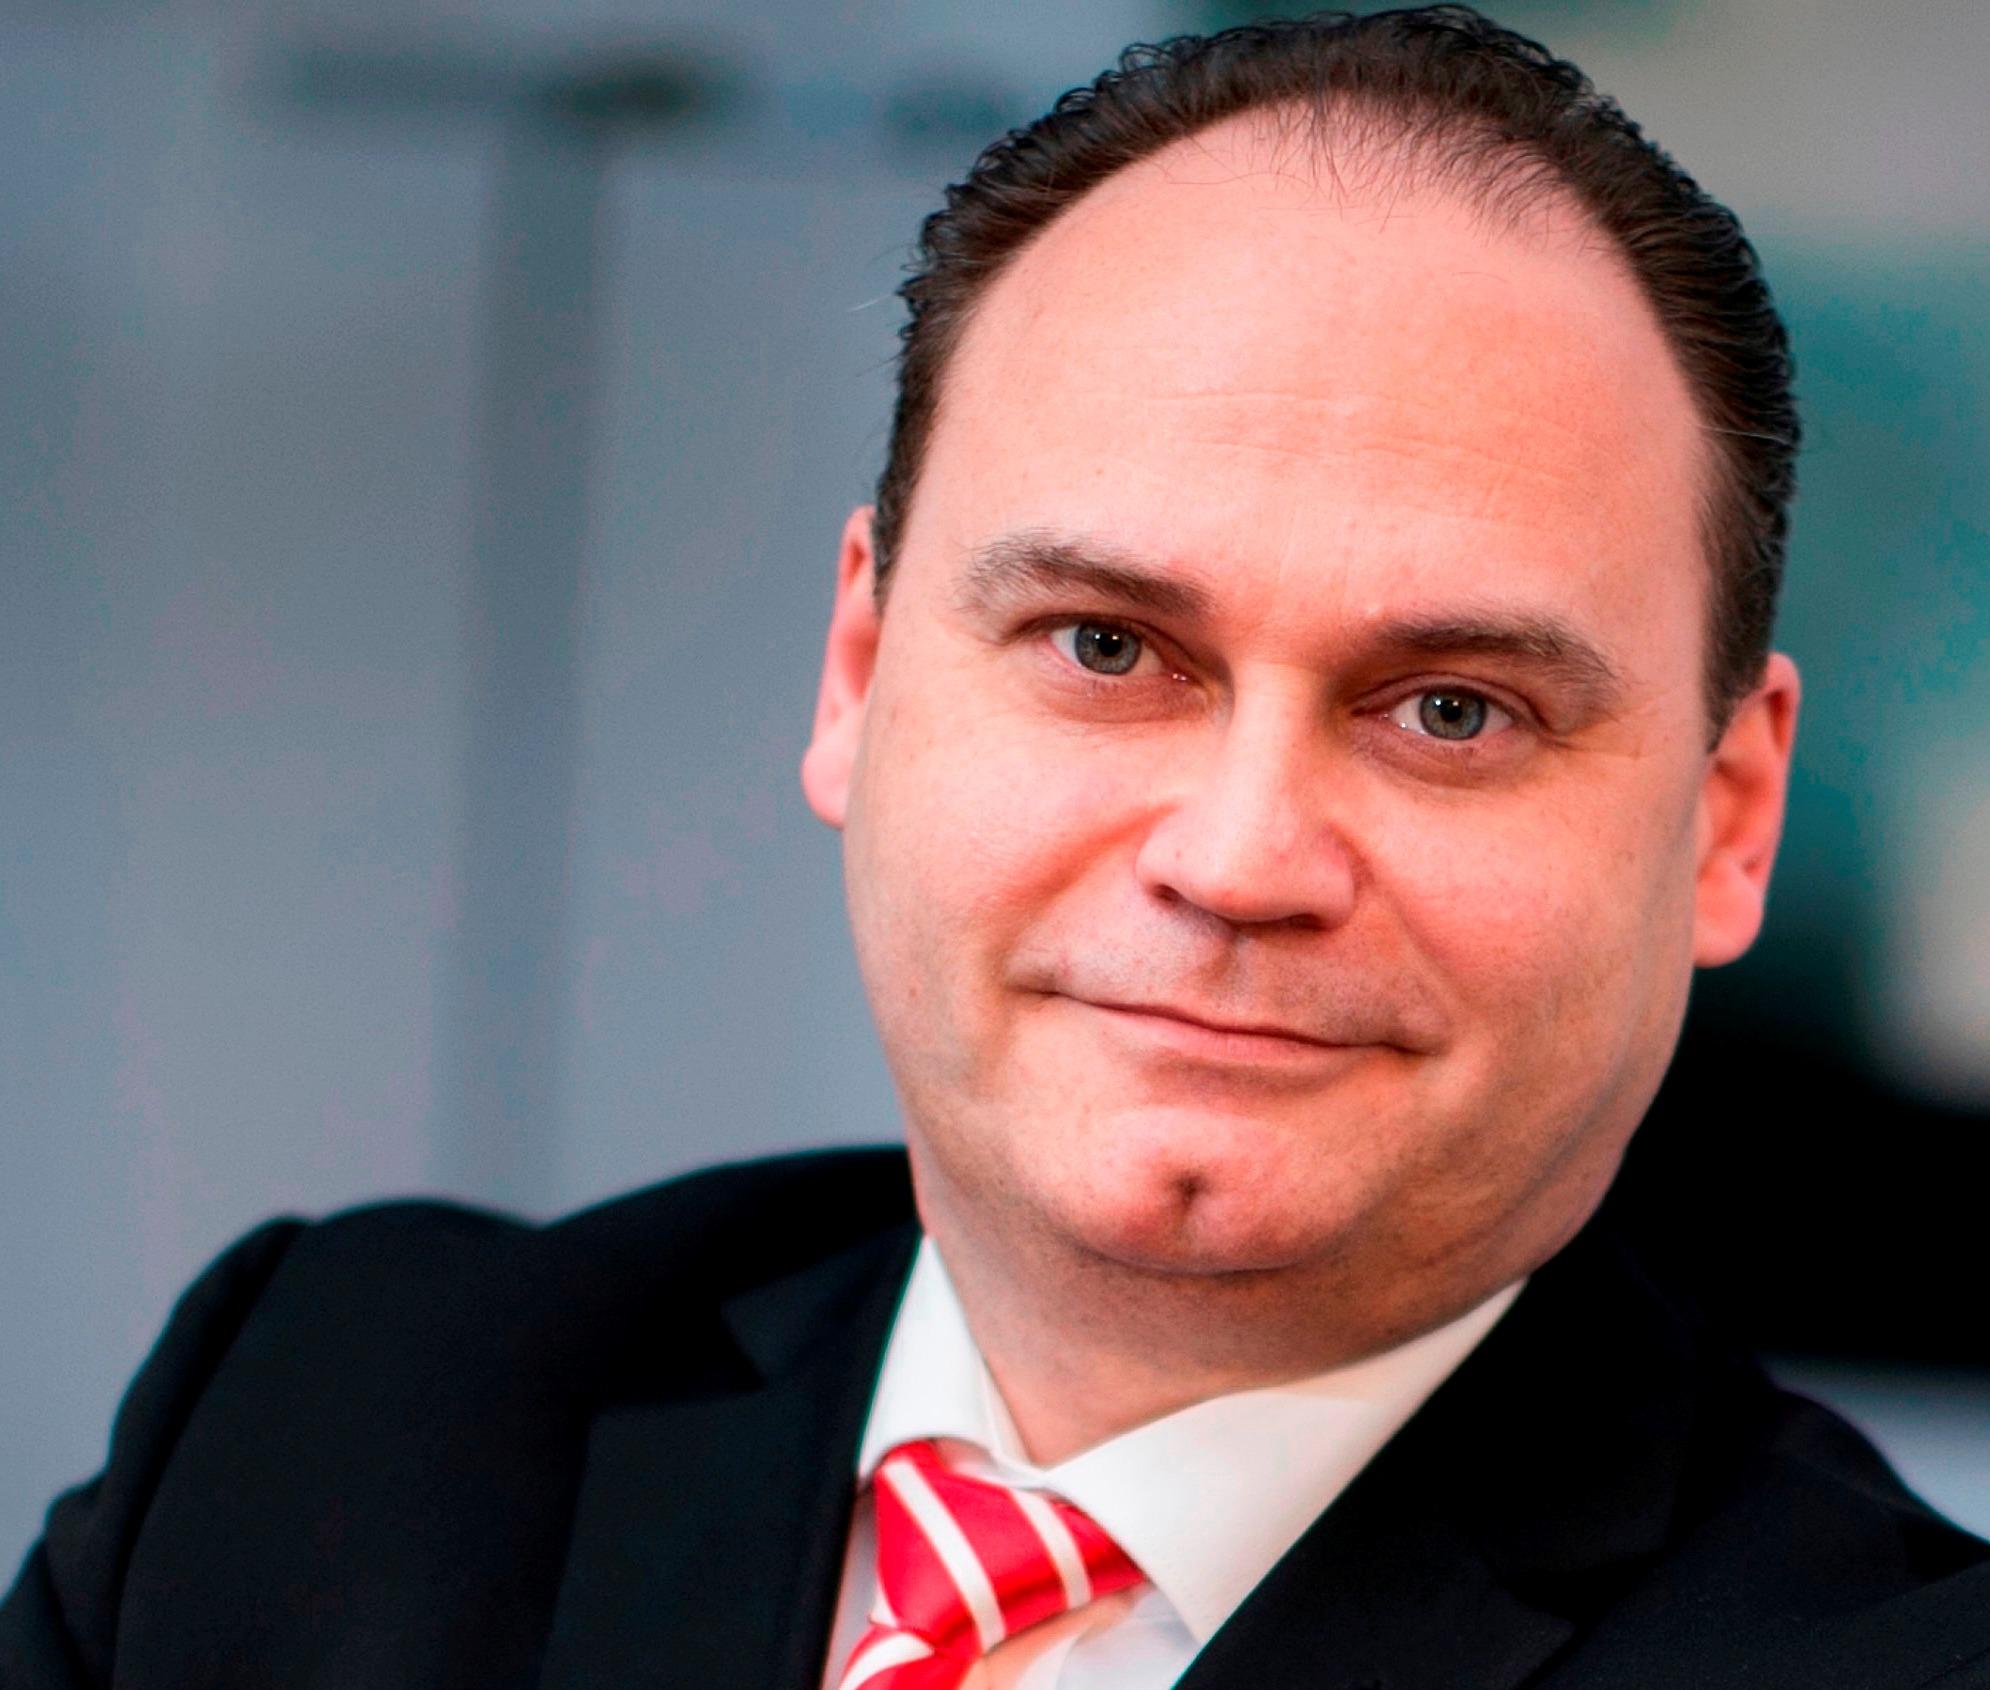 Башкирия начнет продвигать свою продукцию в Австрии через представителя